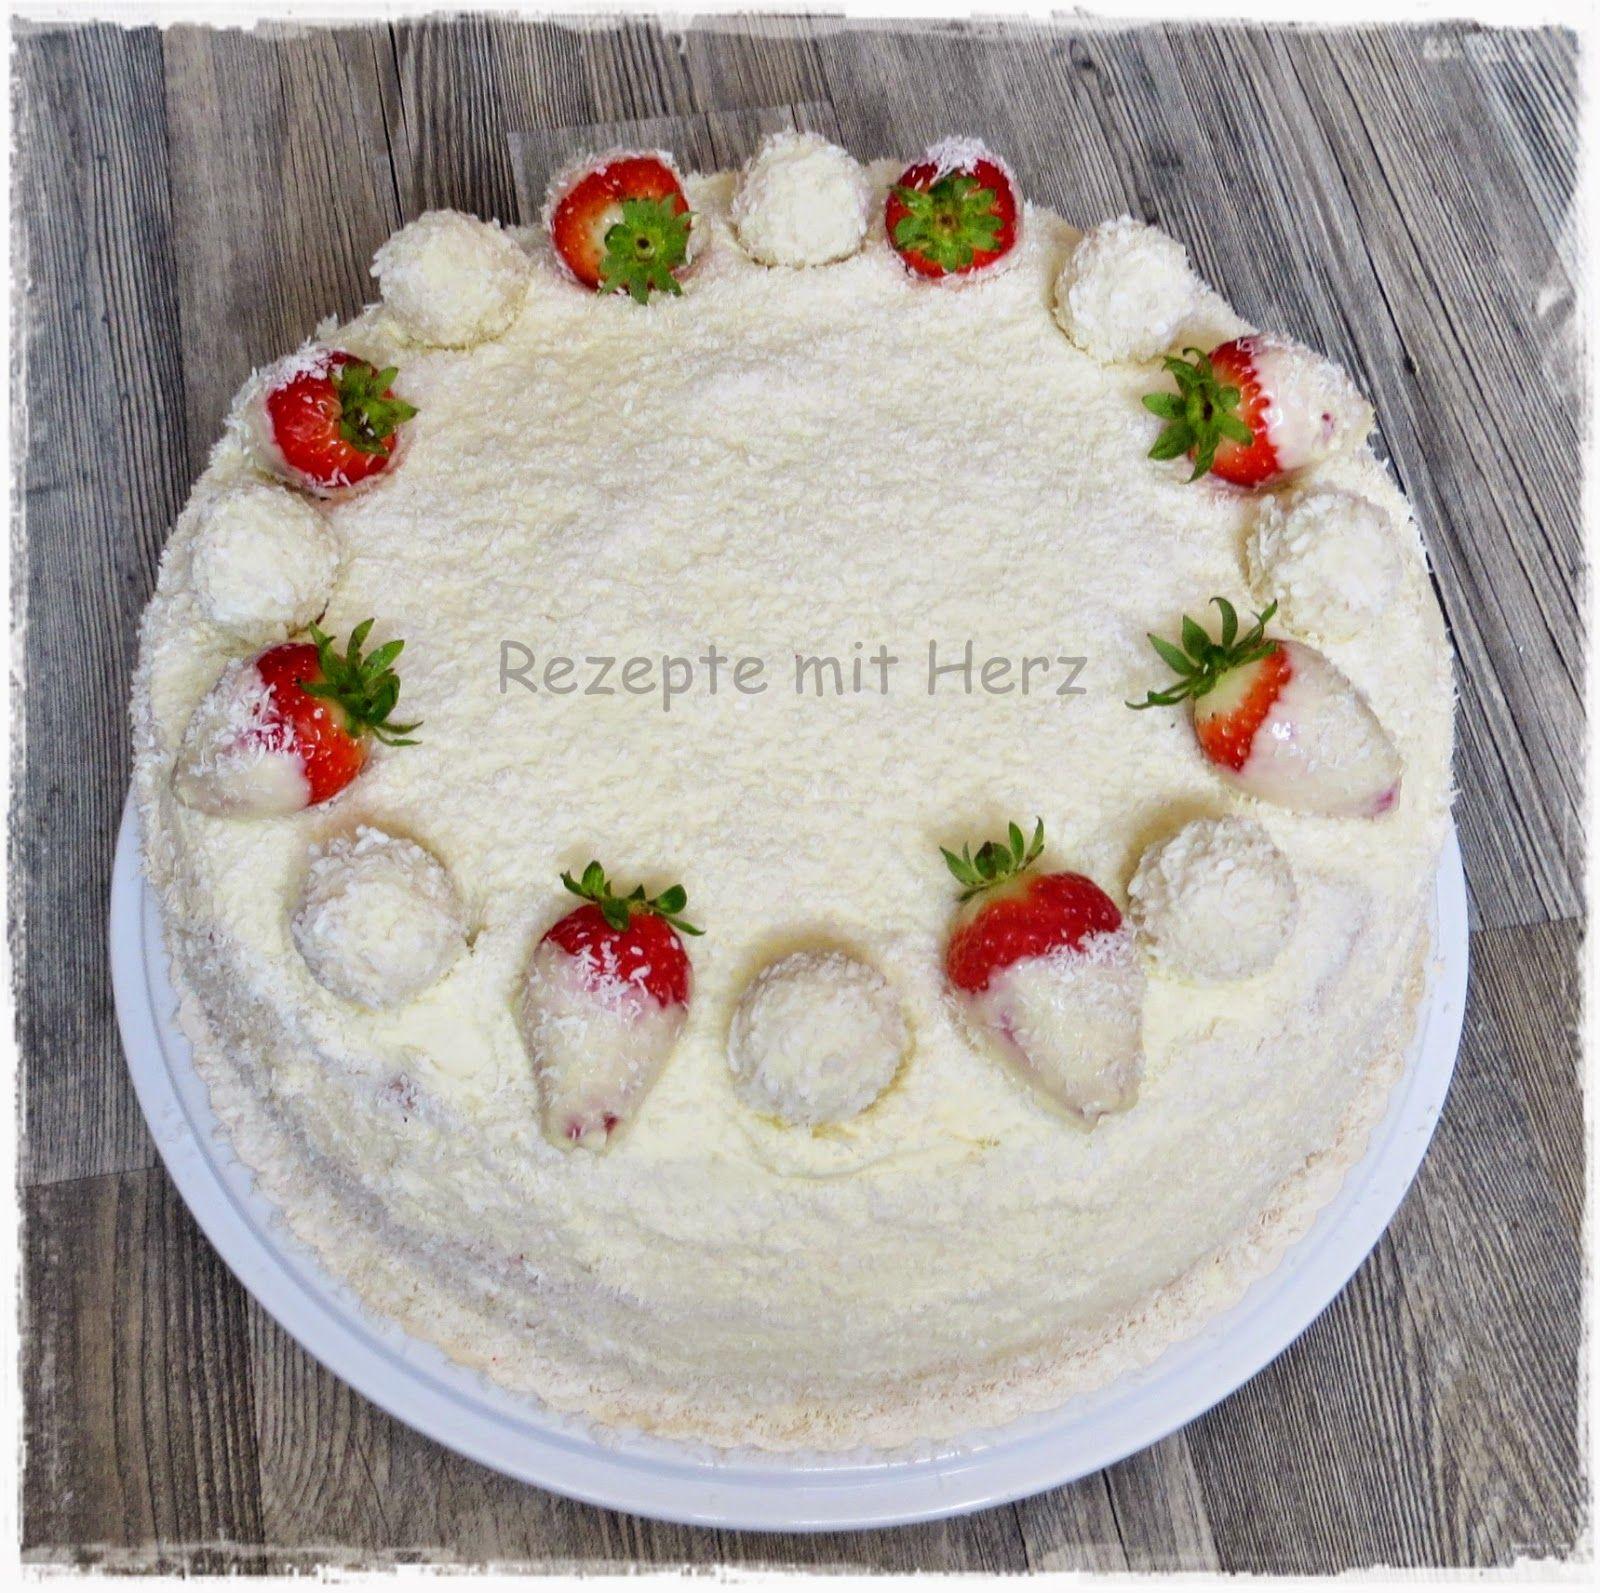 Rezepte mit Herz ♥ Erdbeer Raffaello Torte Feinschmecker Pinterest